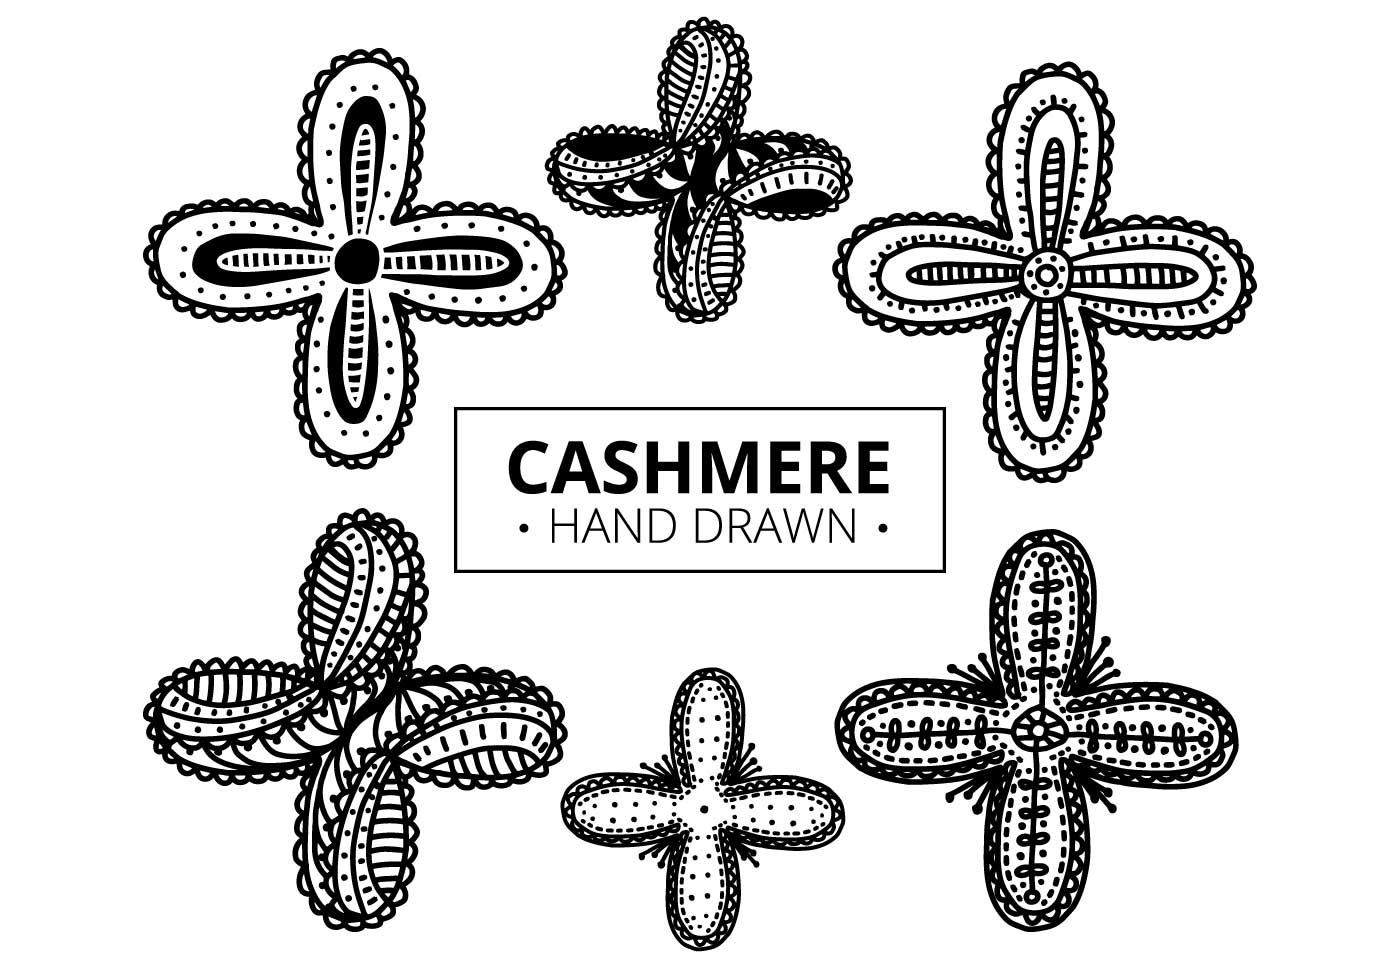 Patrón libre de cachemira - Descargue Gráficos y Vectores Gratis